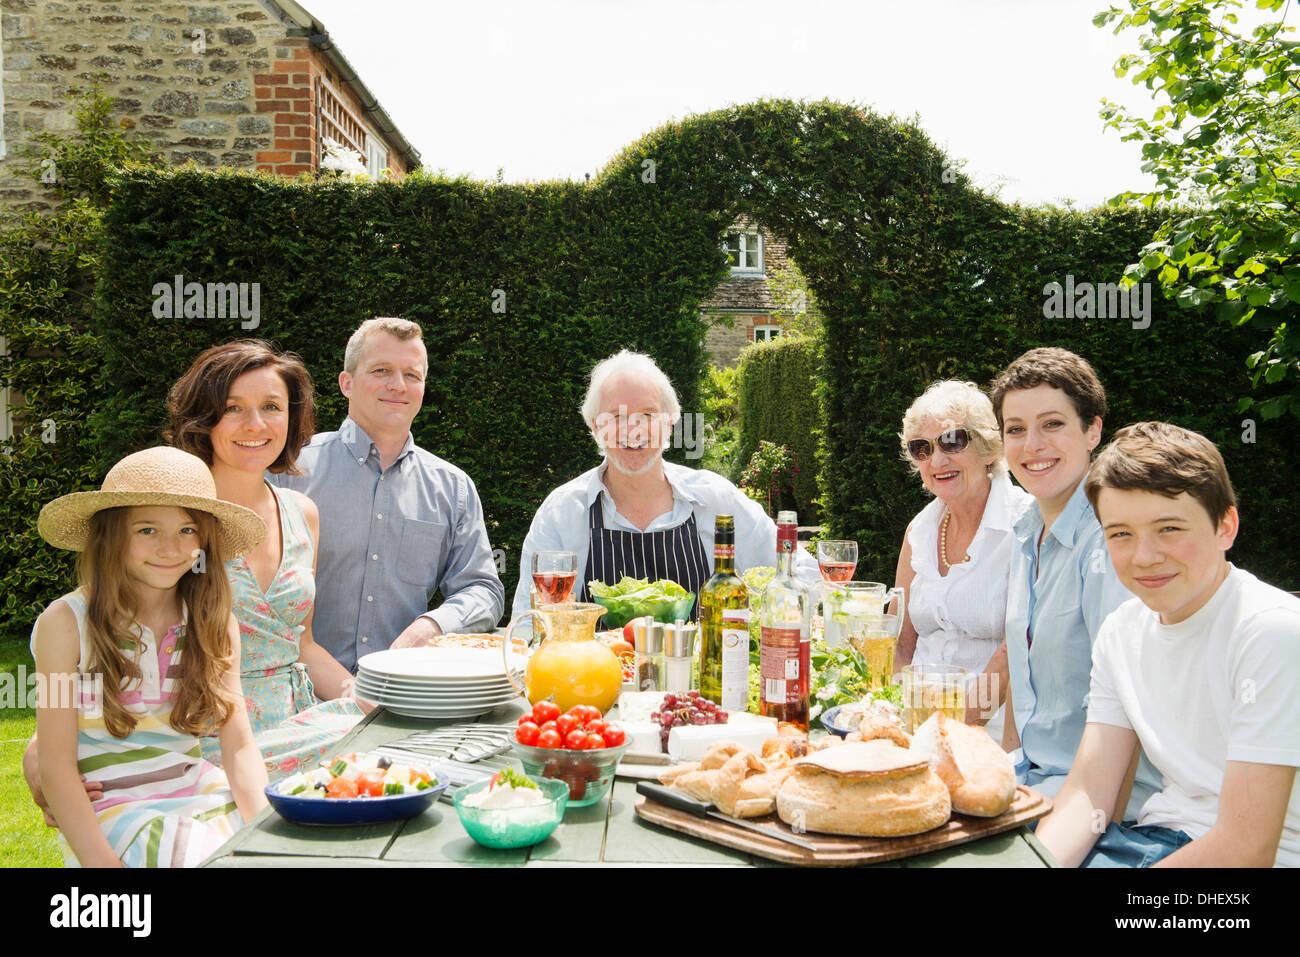 Ritratto di tre generazioni la famiglia godendo il pranzo all'aperto Immagini Stock